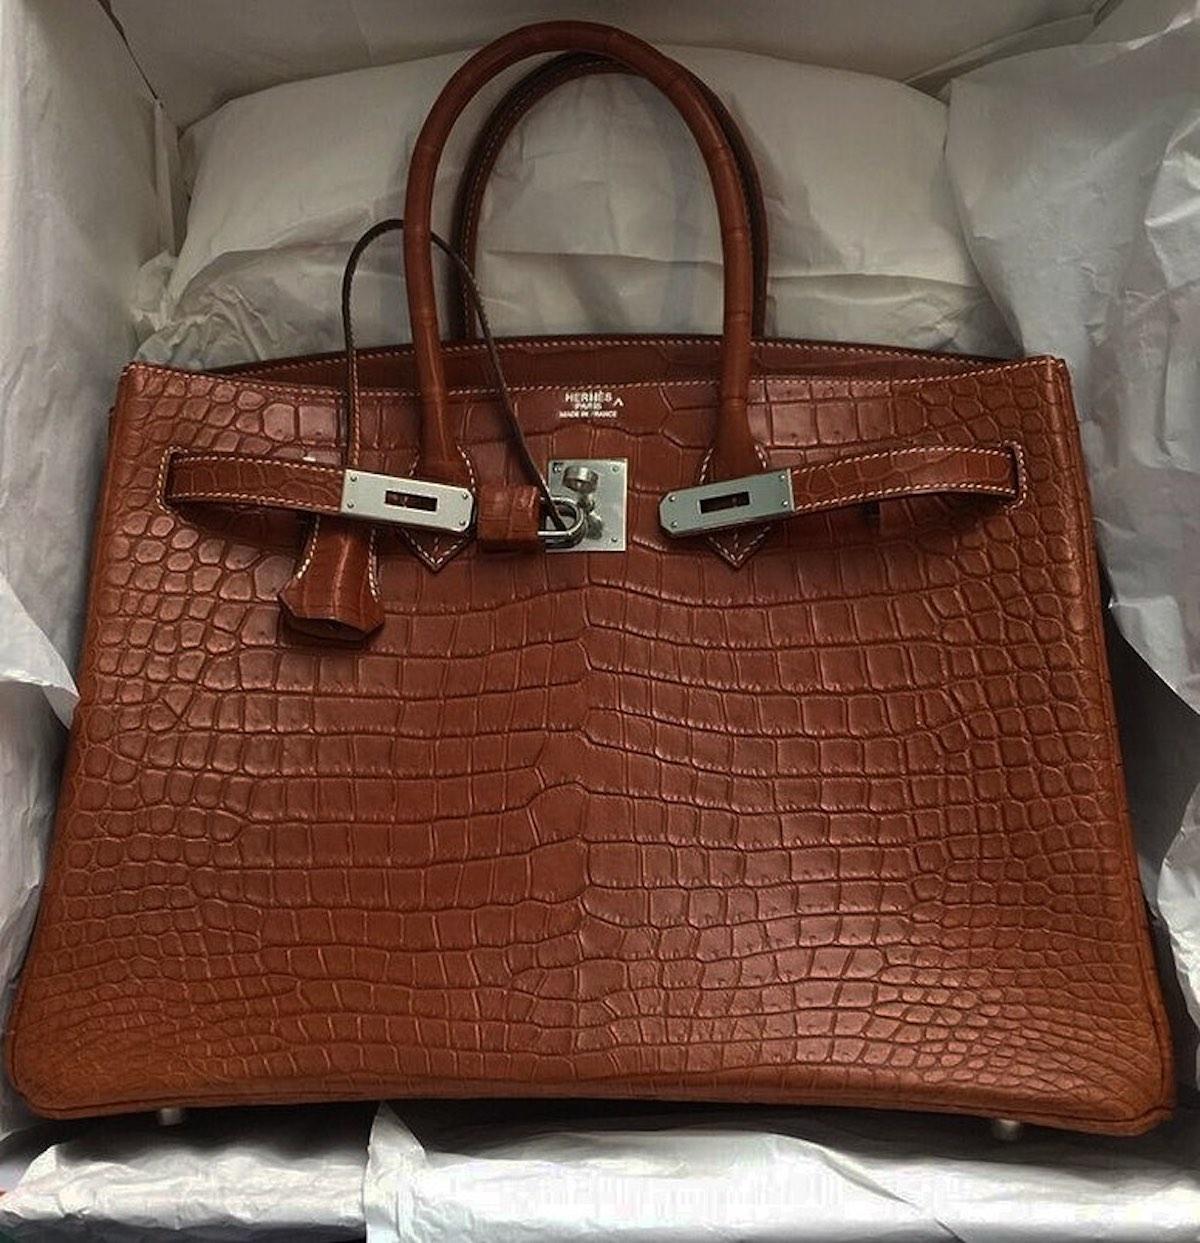 Nuova borsa Rodriguez Belen